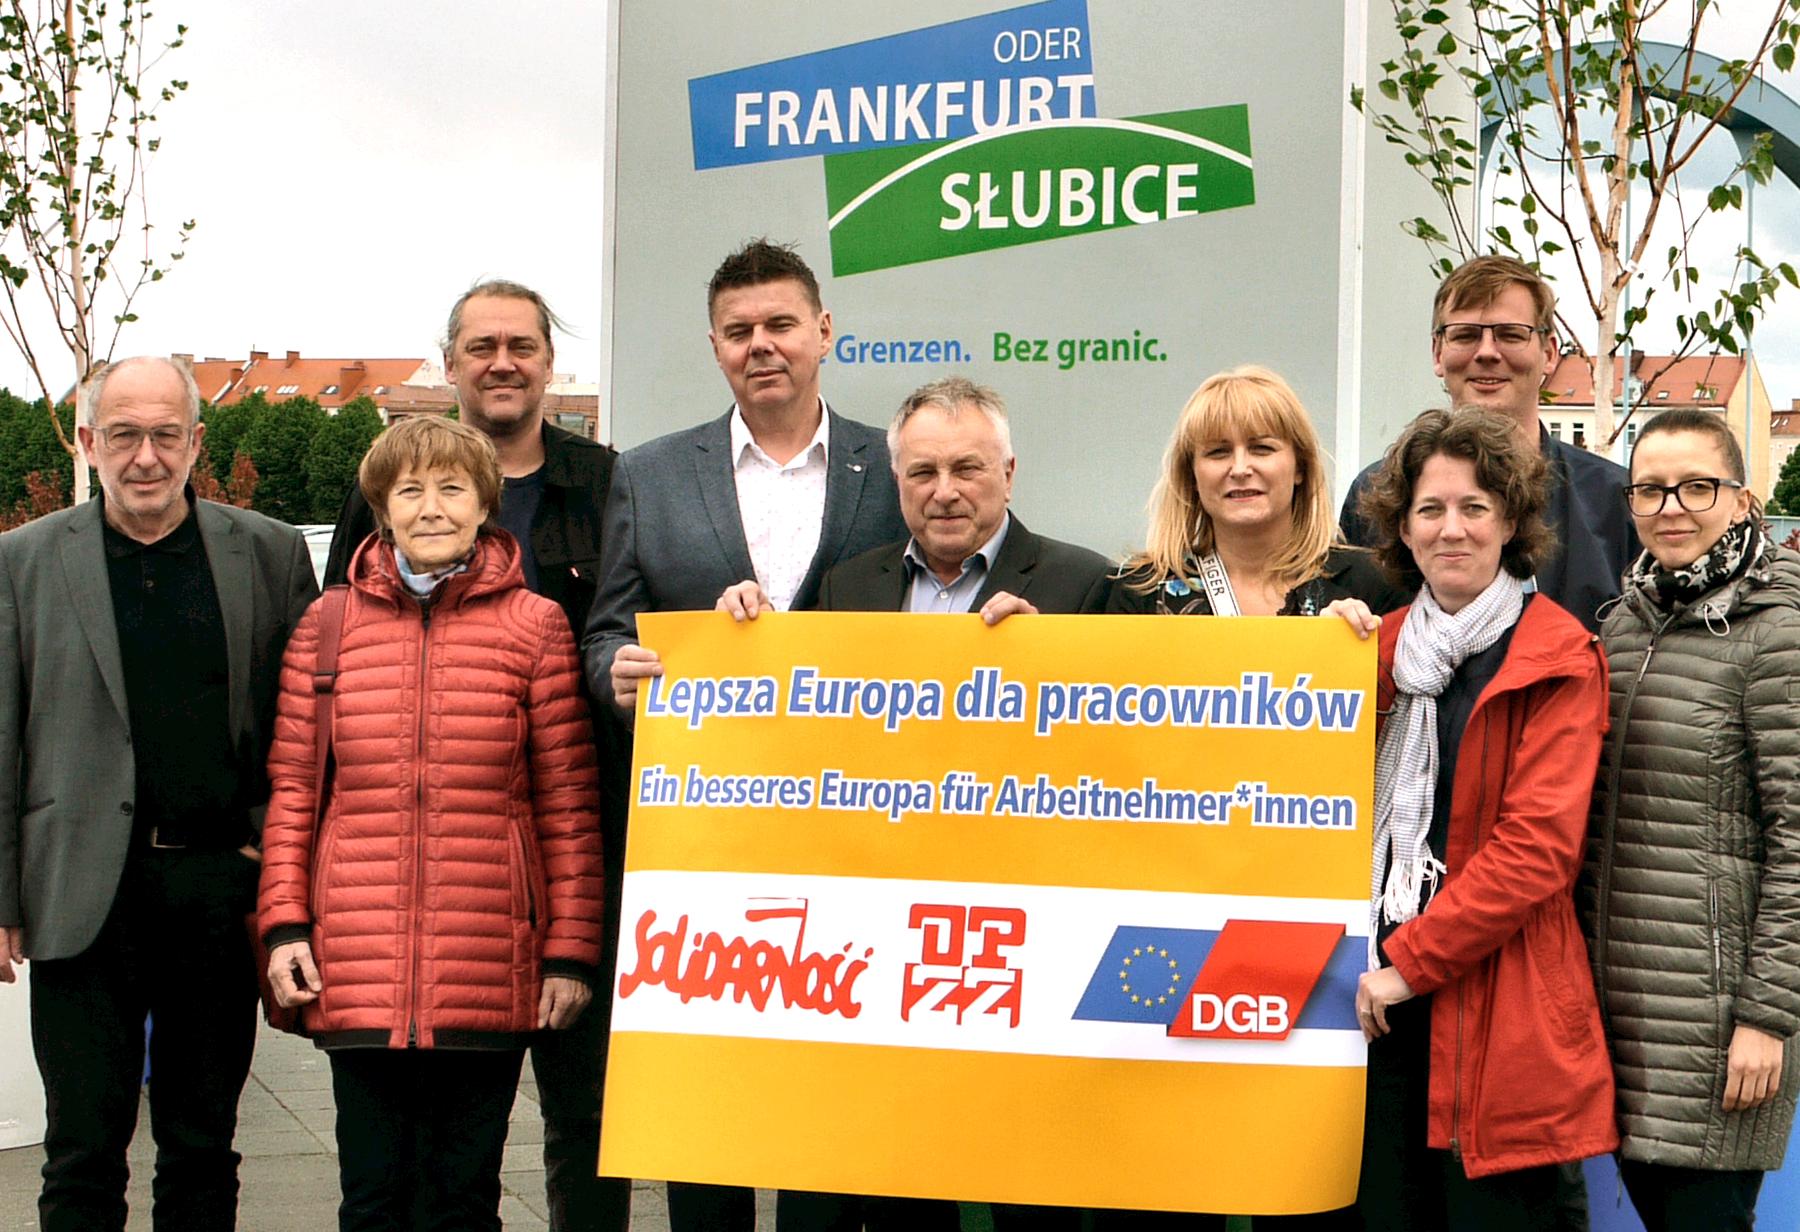 Heute hat sich der Interregionale Gewerkschaftsrat Viadrina für ein soziales Europa ausgesprochen. Bei seinem Treffen in Frankfurt (Oder) bekräftigten sie die Forderungen des DGBs, der Solidarnosc und der OPZZ an die zukünftigen gewählten Abgeordneten.